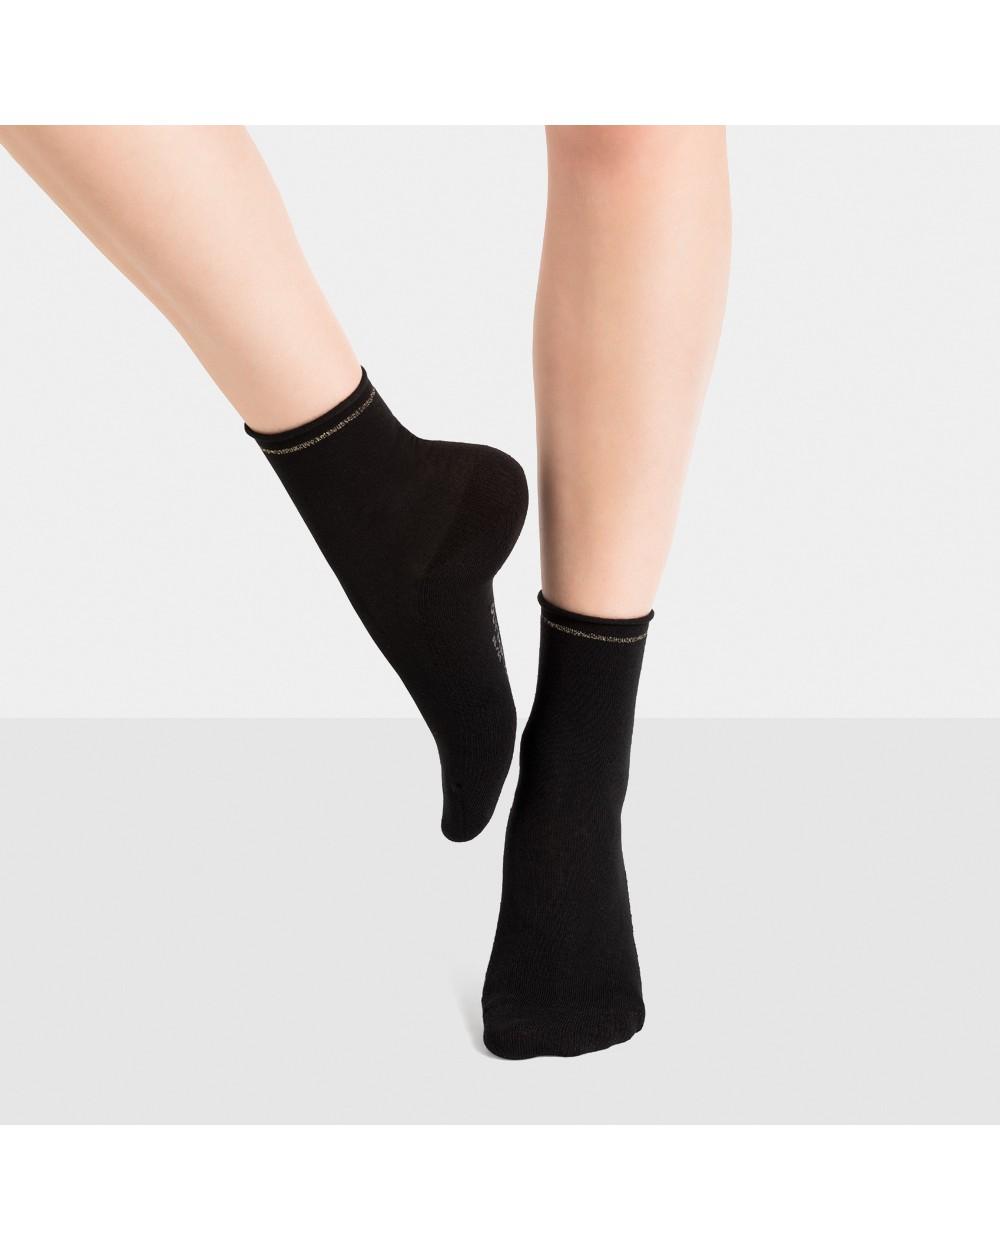 Chaussettes courtes semelle confort unies